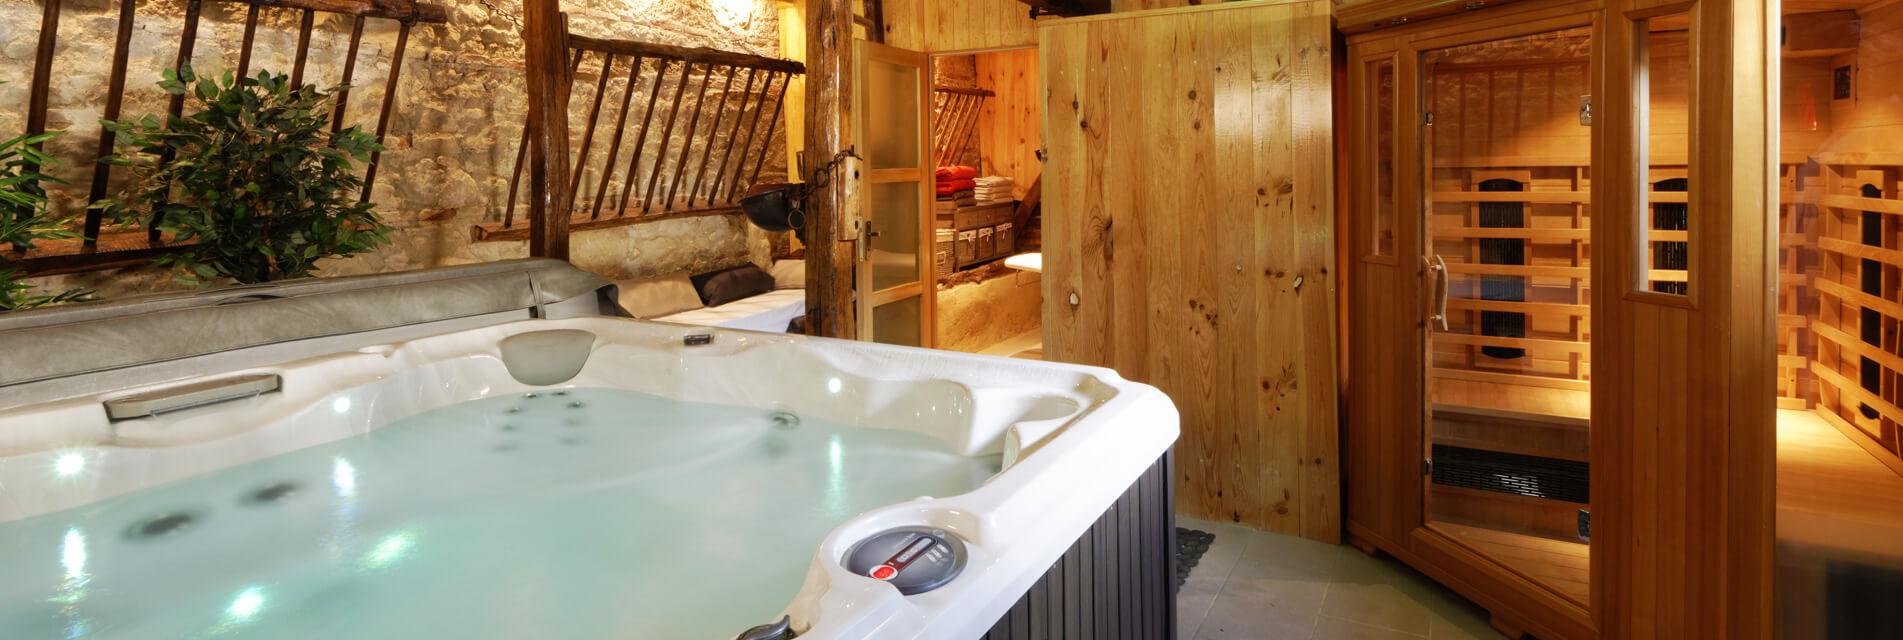 Réservez votre séjour bien-être dans le Tarn Occitanie